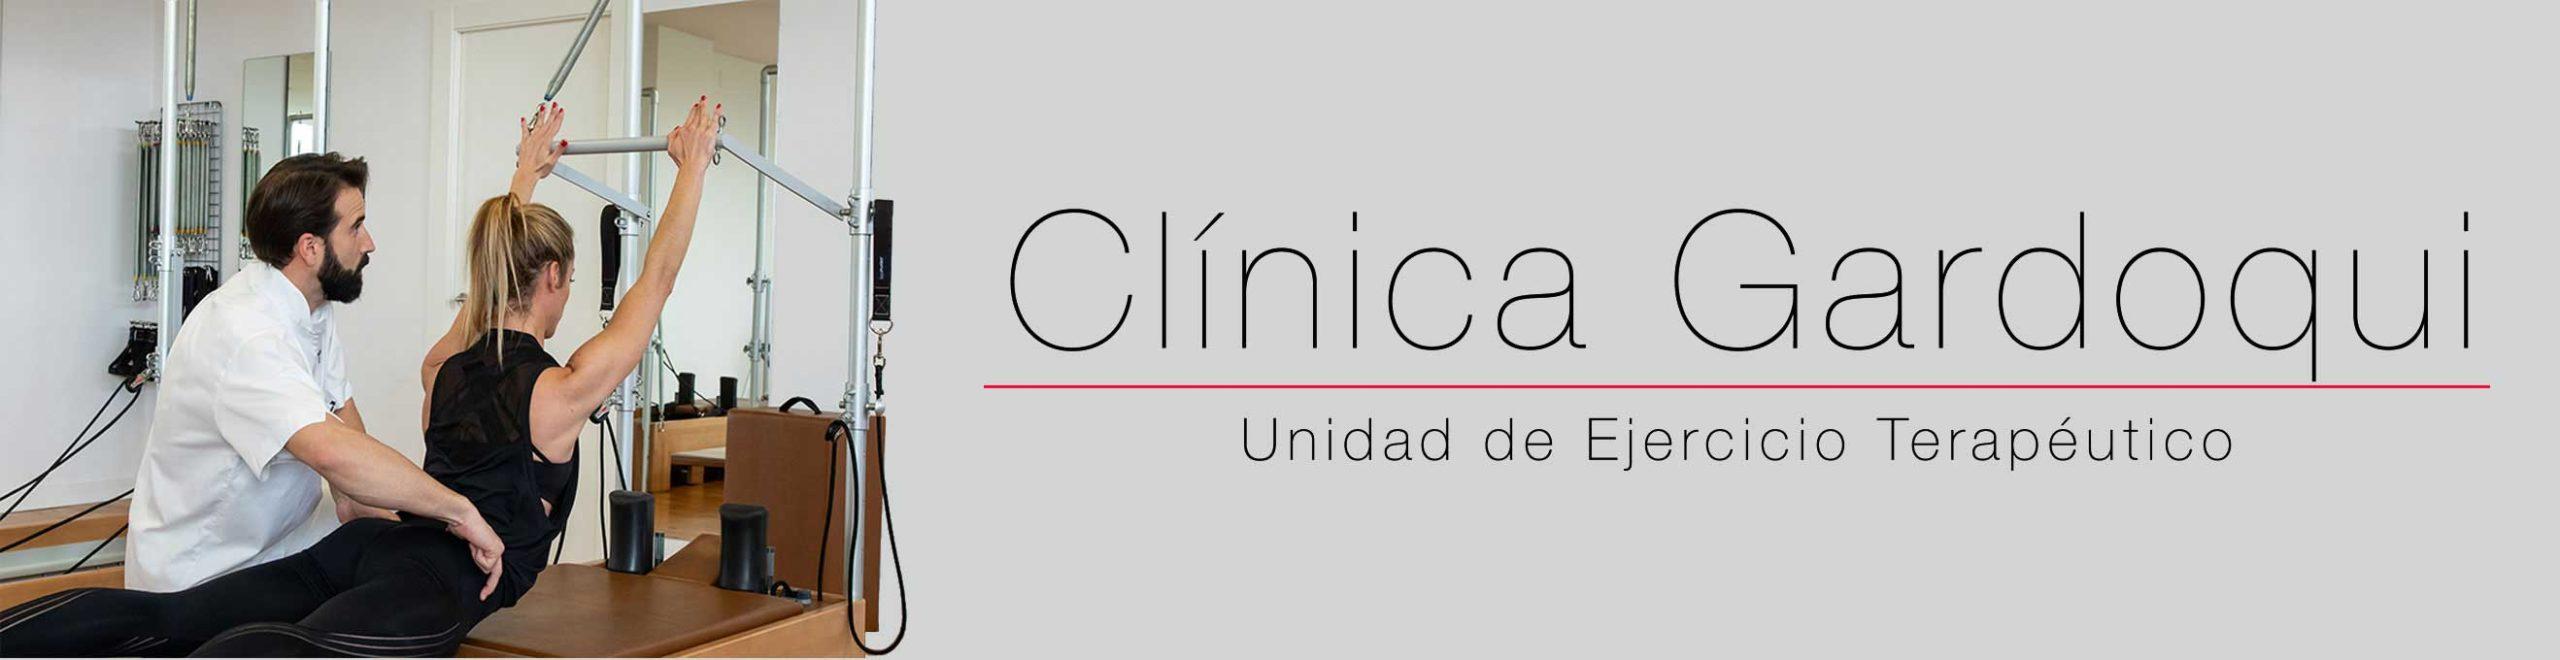 Unidad de Ejercicio Terapéutico en la Clínica Gardoqui